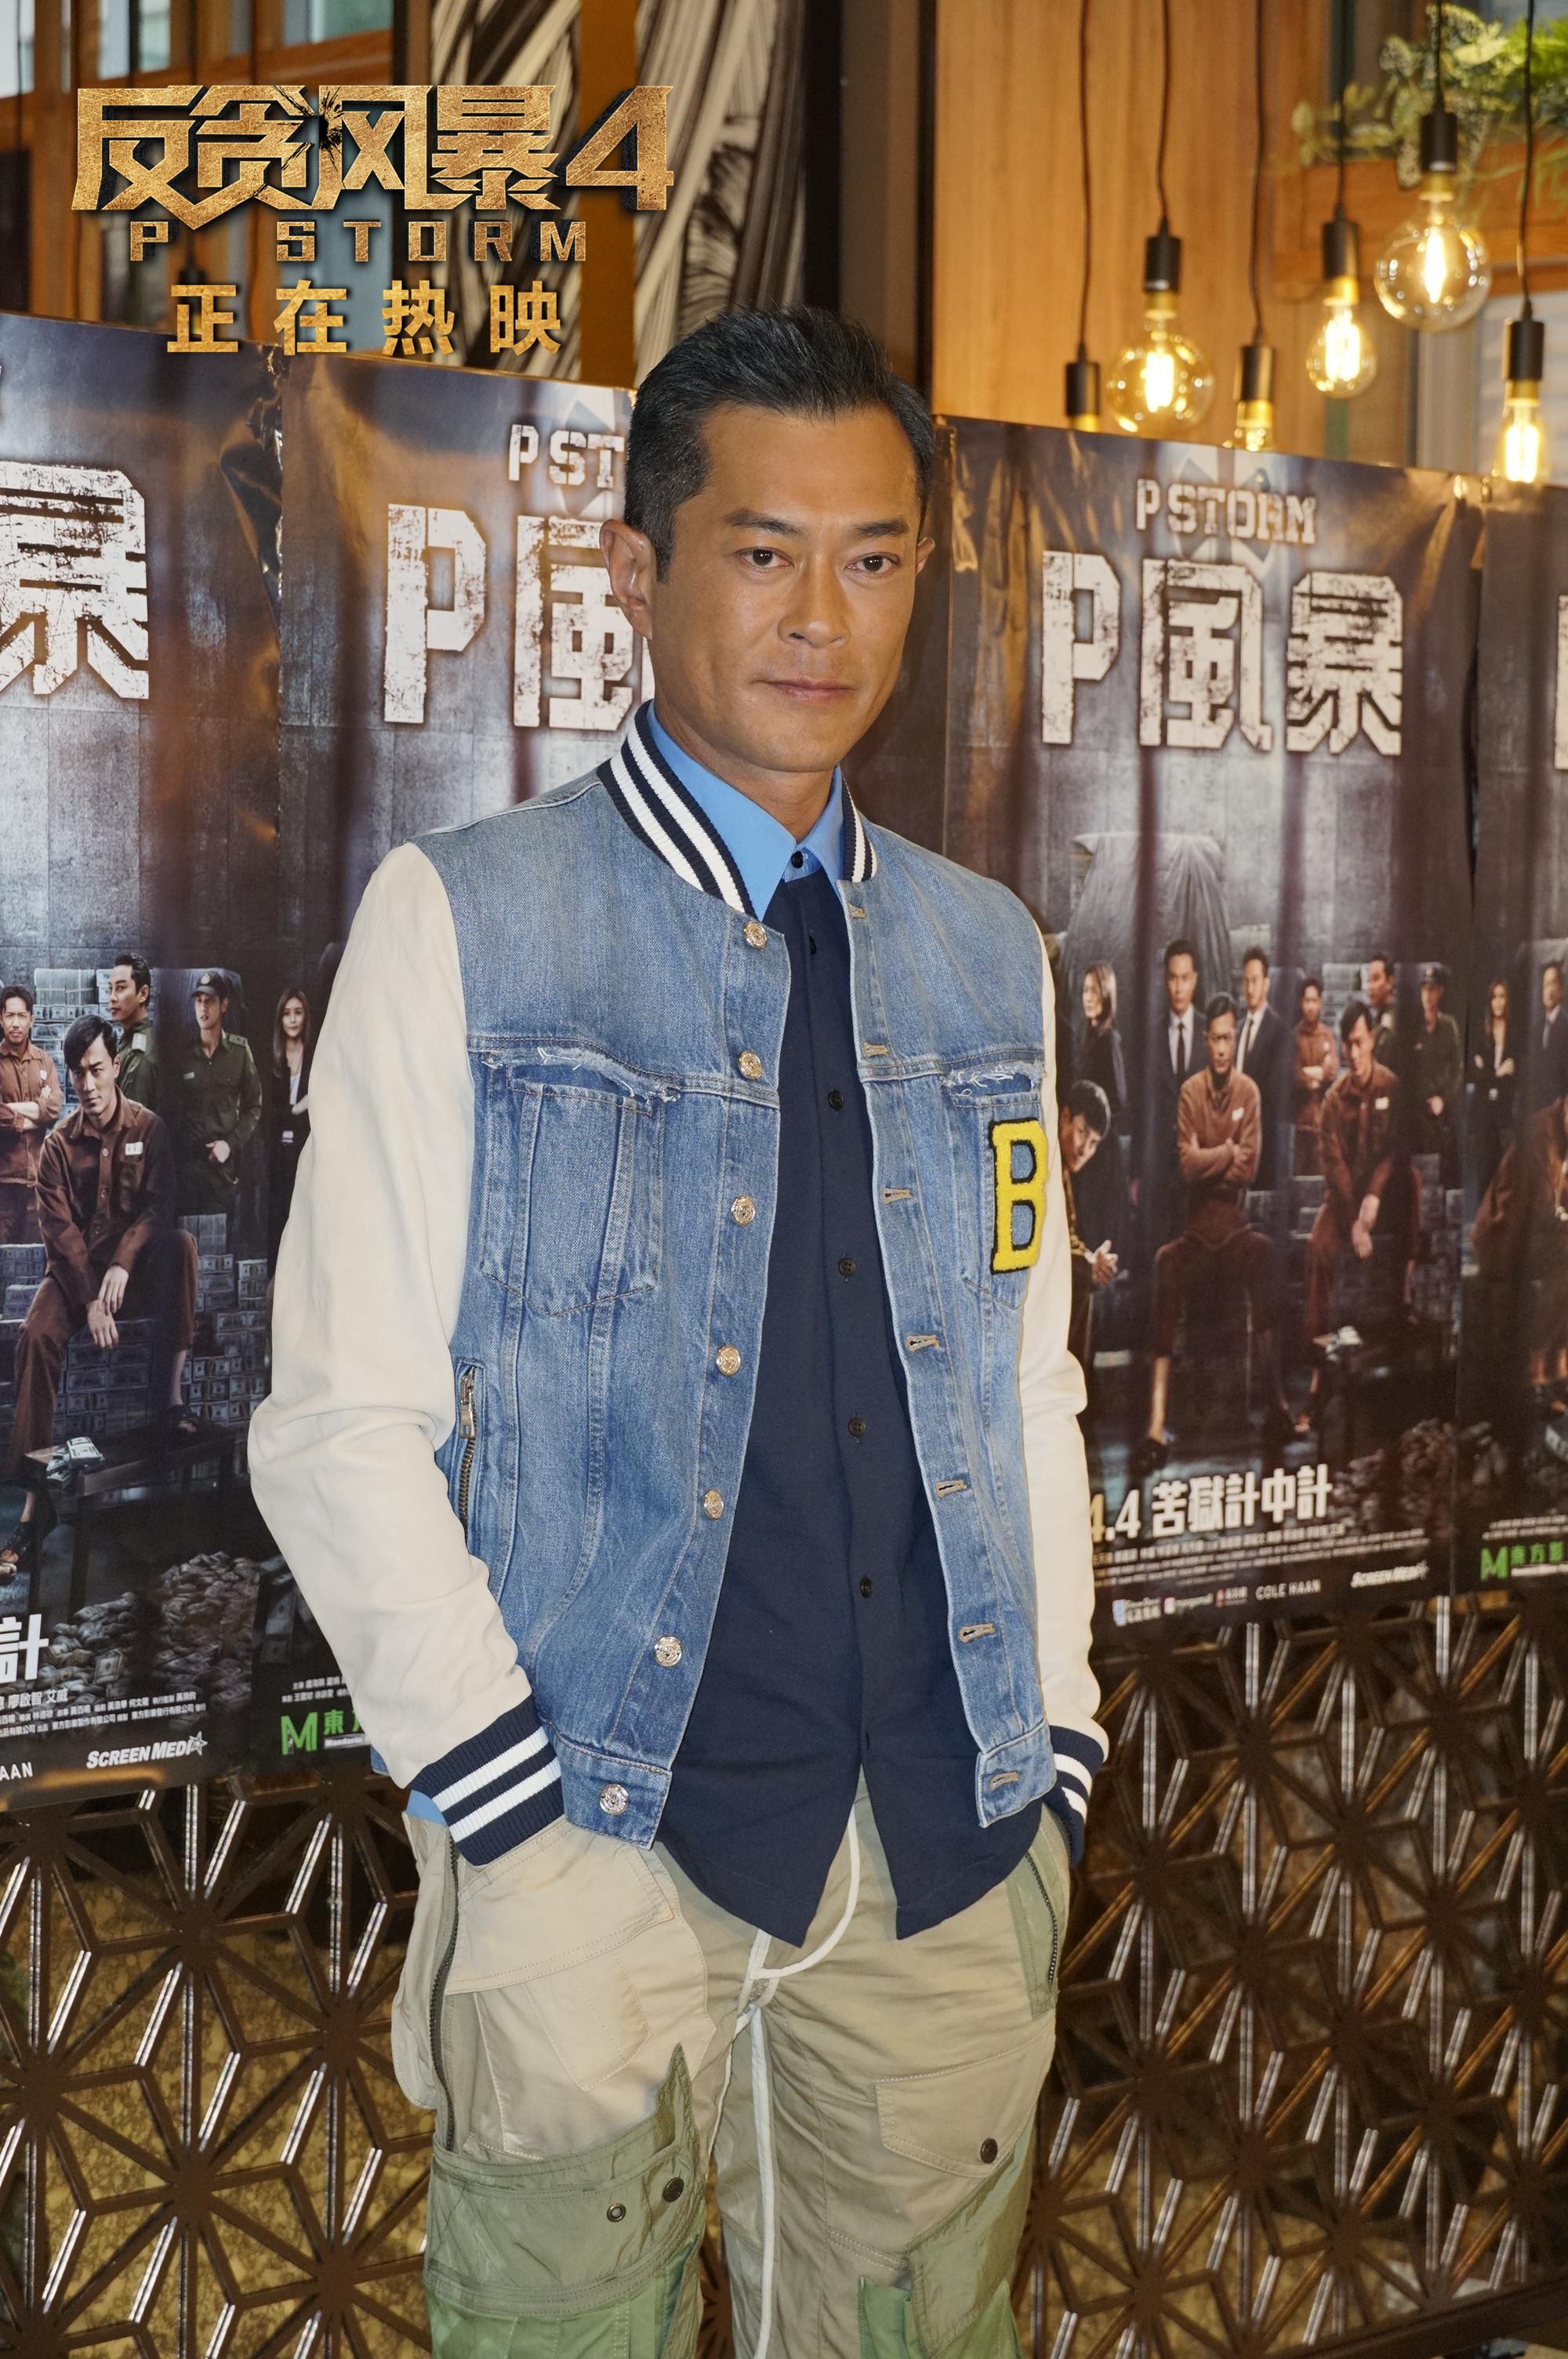 《反贪风暴4》票房破6亿 庆功会宣布将拍第五部